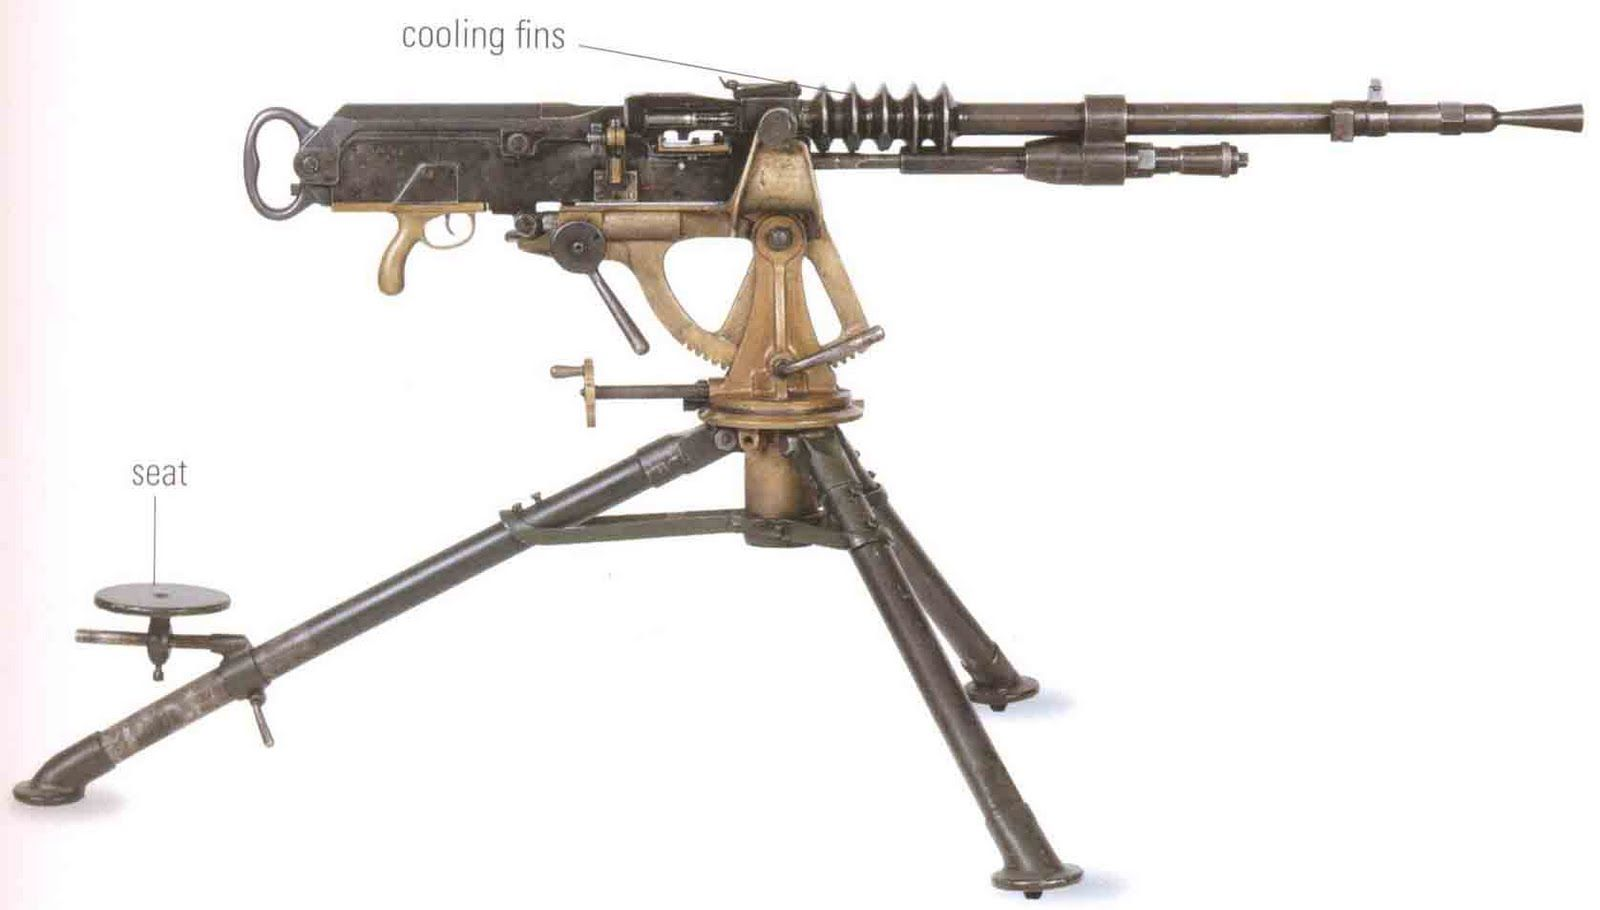 machine guns | French Hotchkiss Mle 1914 was the standard